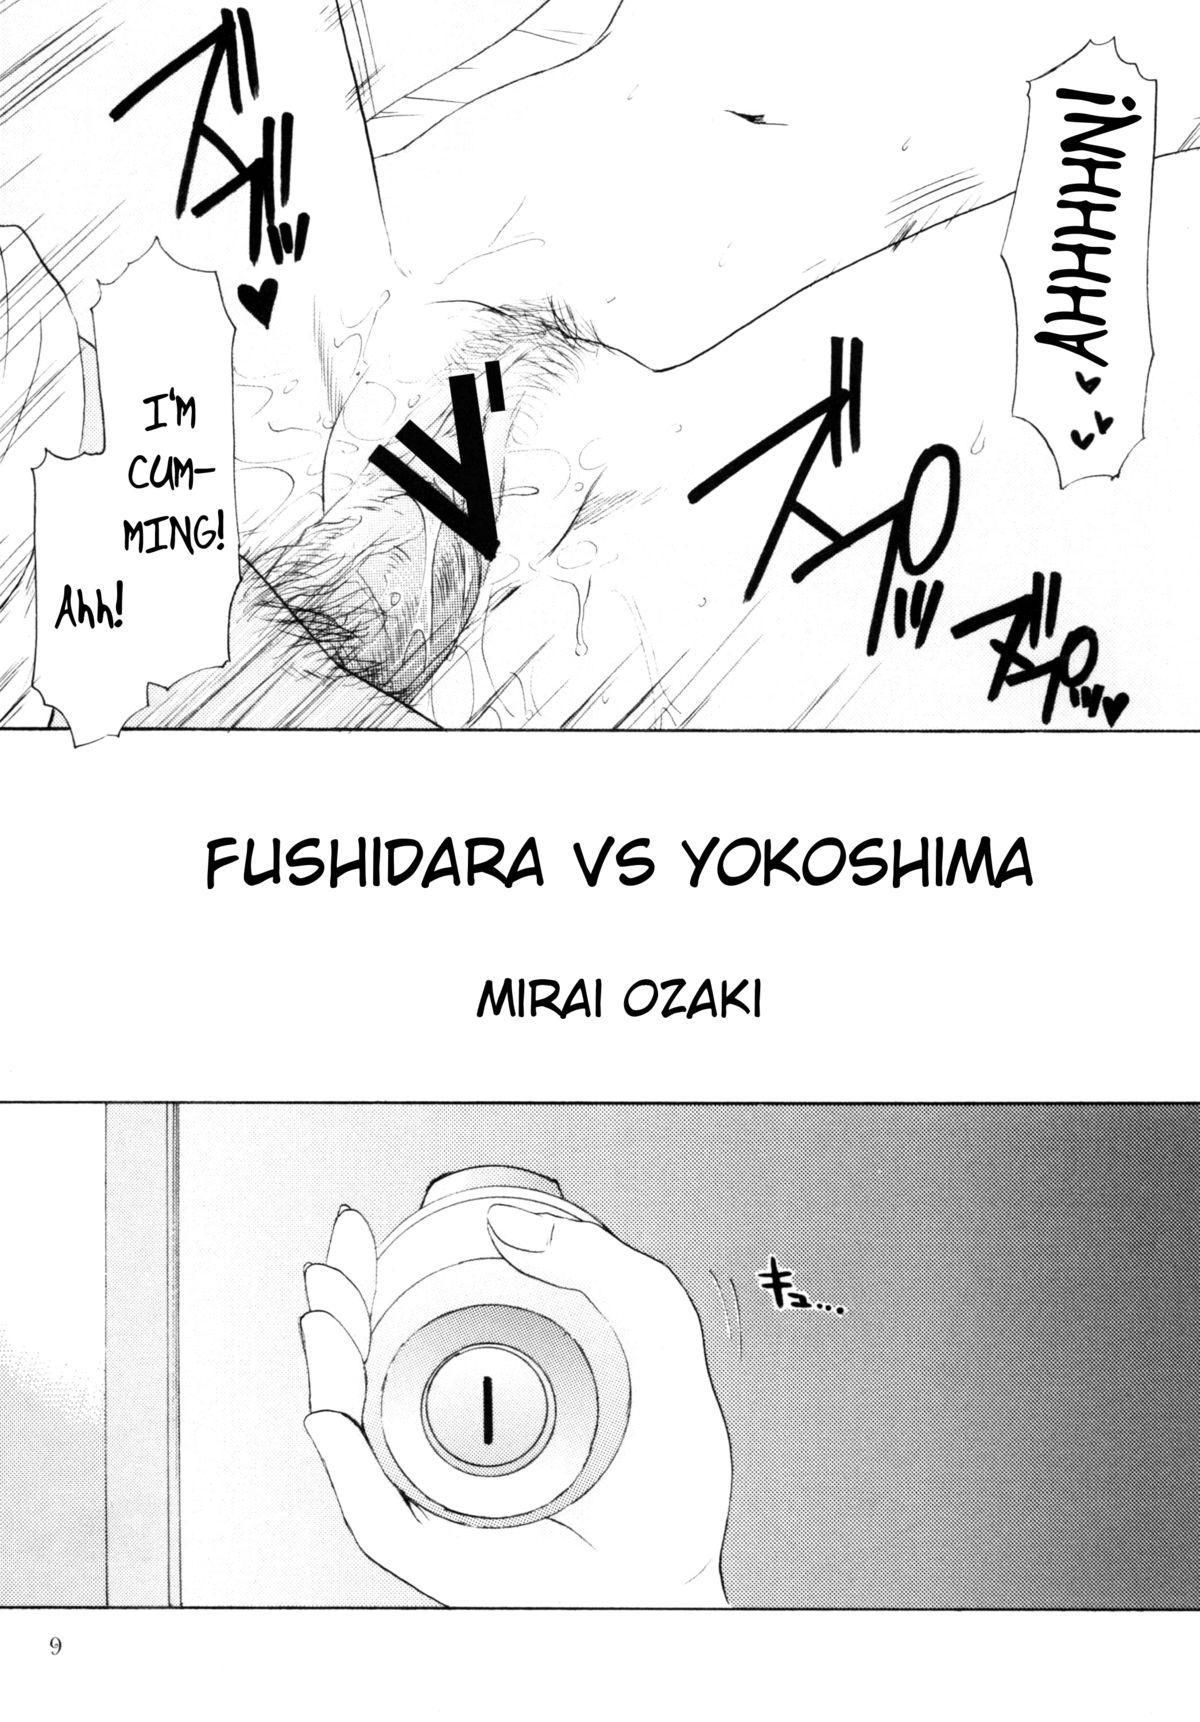 FUSHIDARA vs YOKOSHIMA 3 5